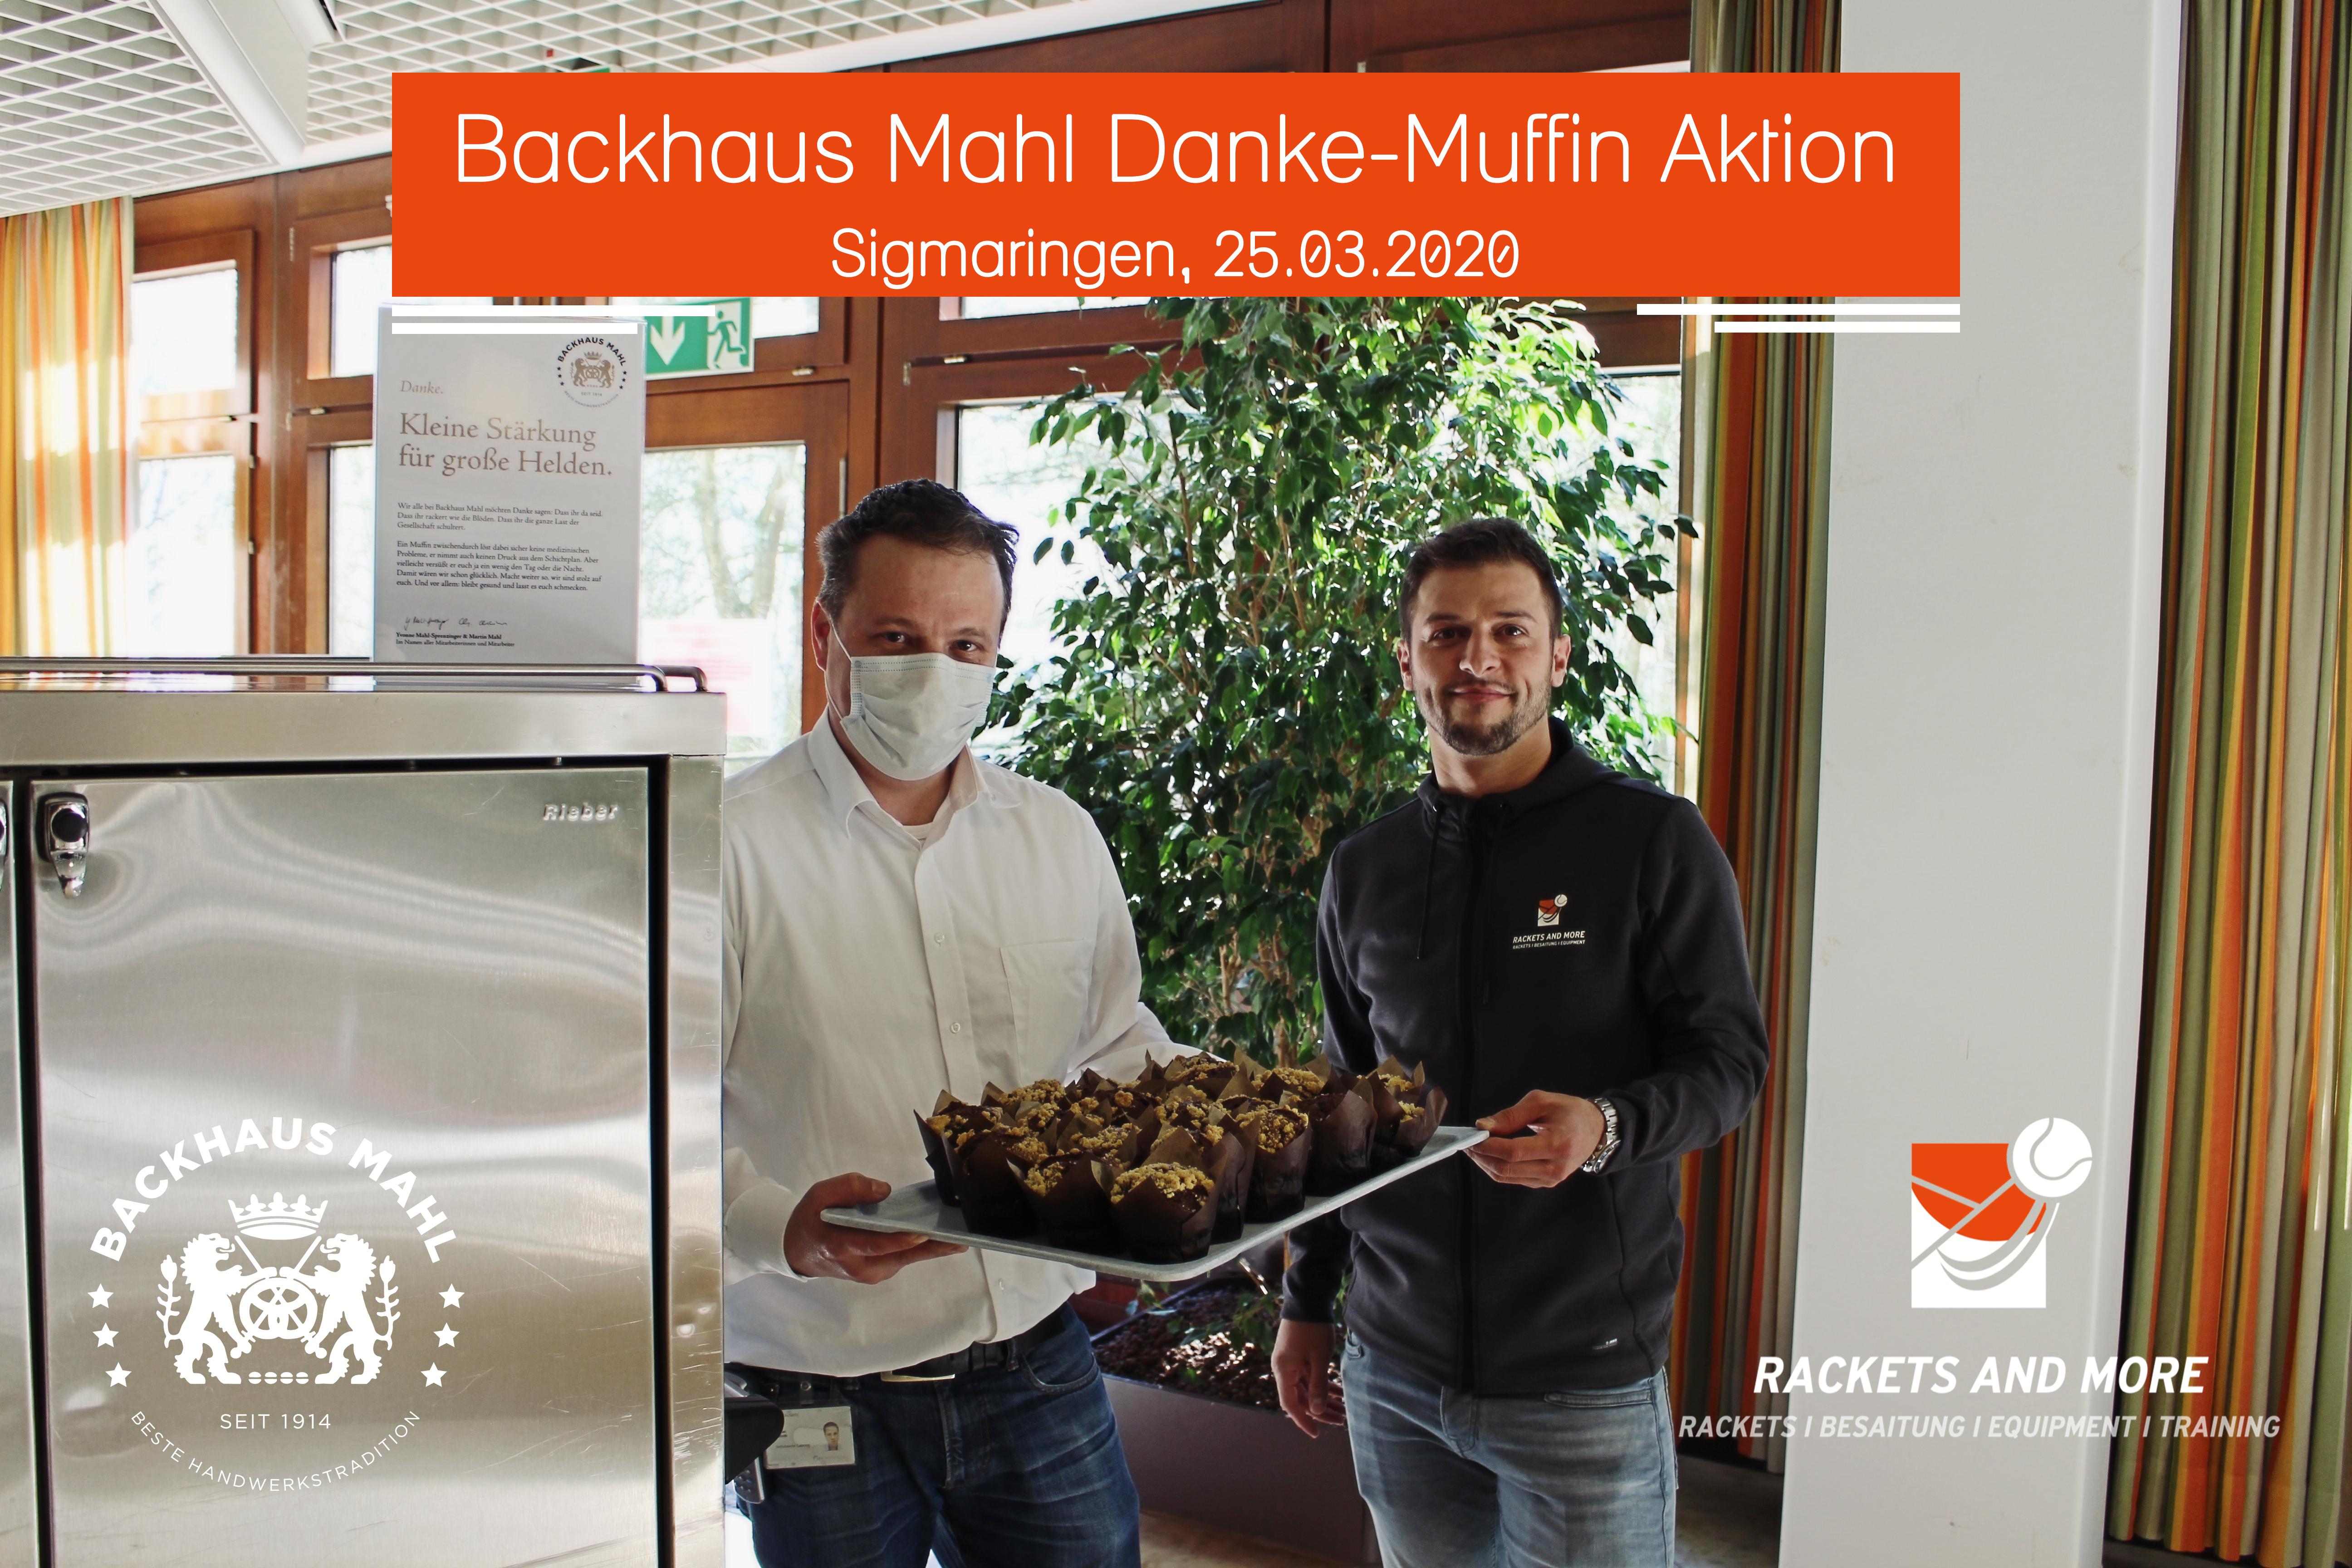 Backhaus Mahl Akion